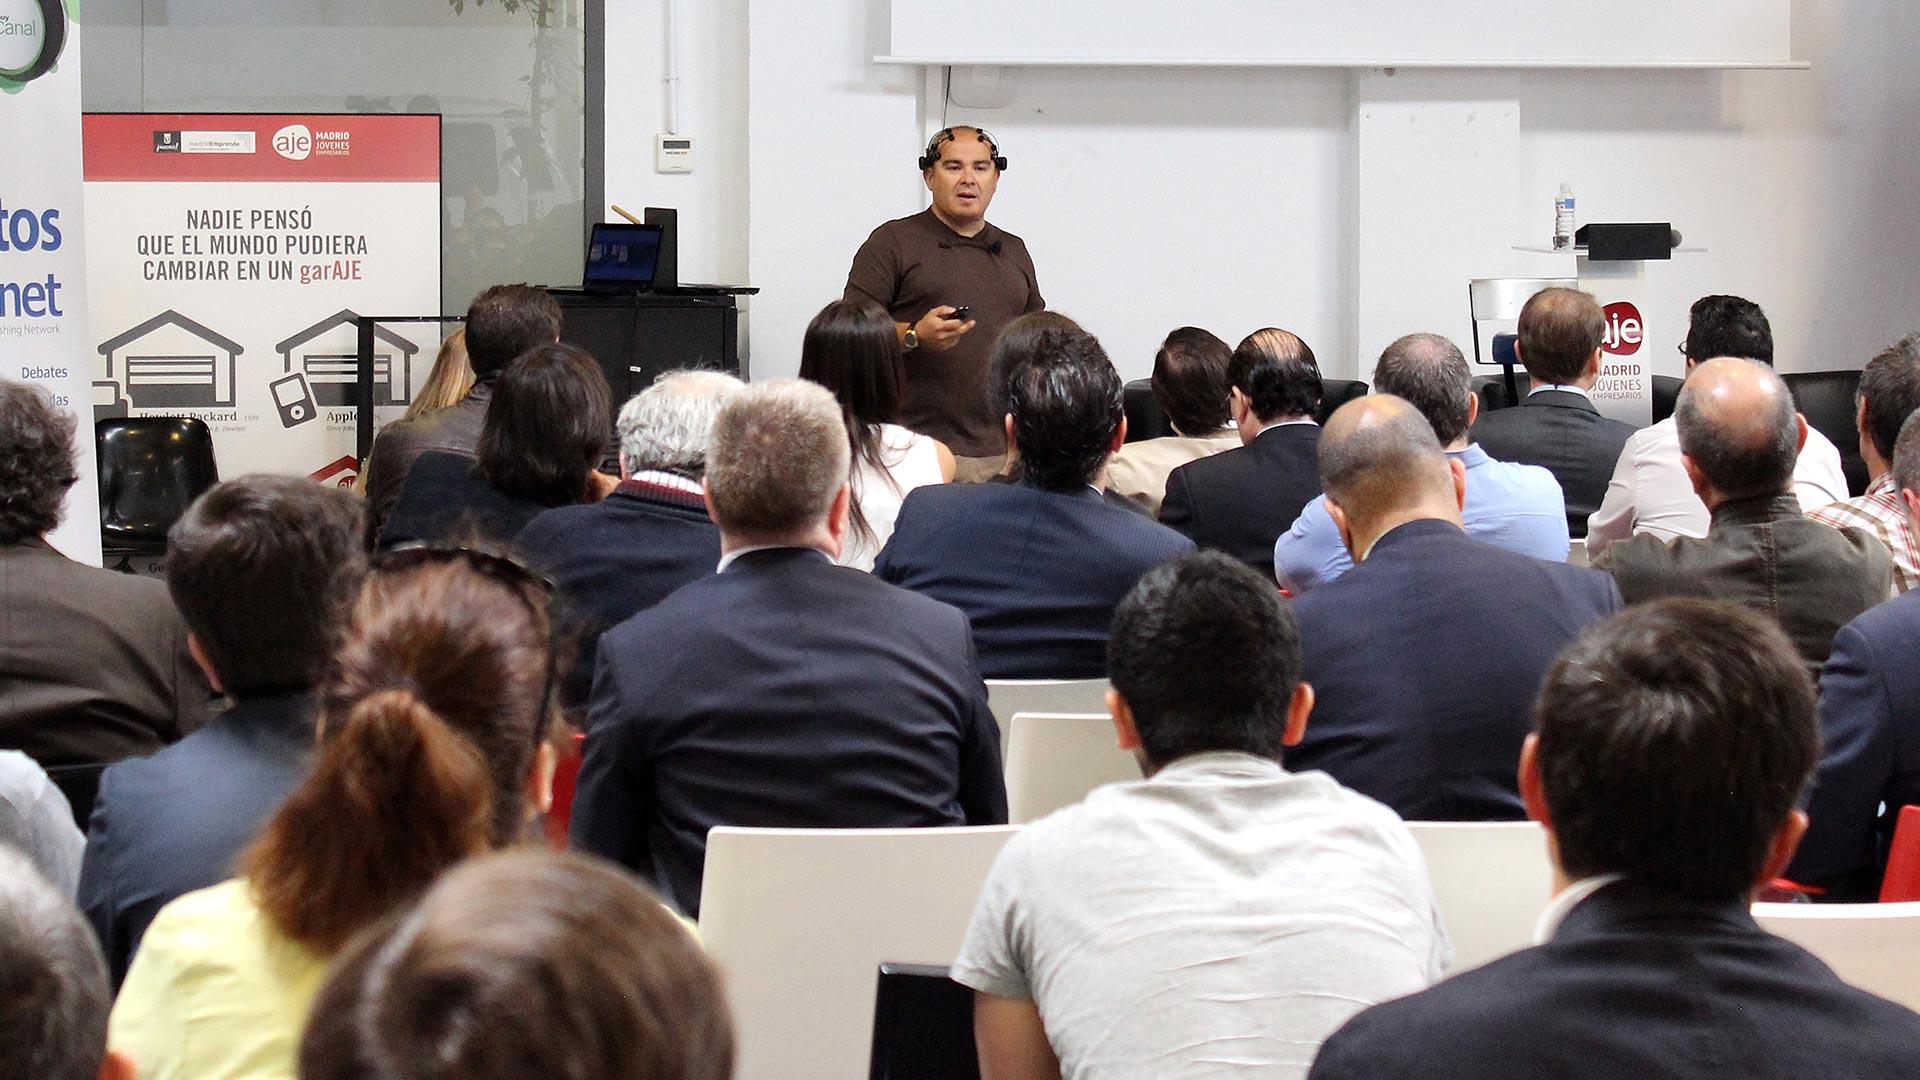 tpnet-eventos-encuentros-profesionales-iot-publico-javier-sirvent